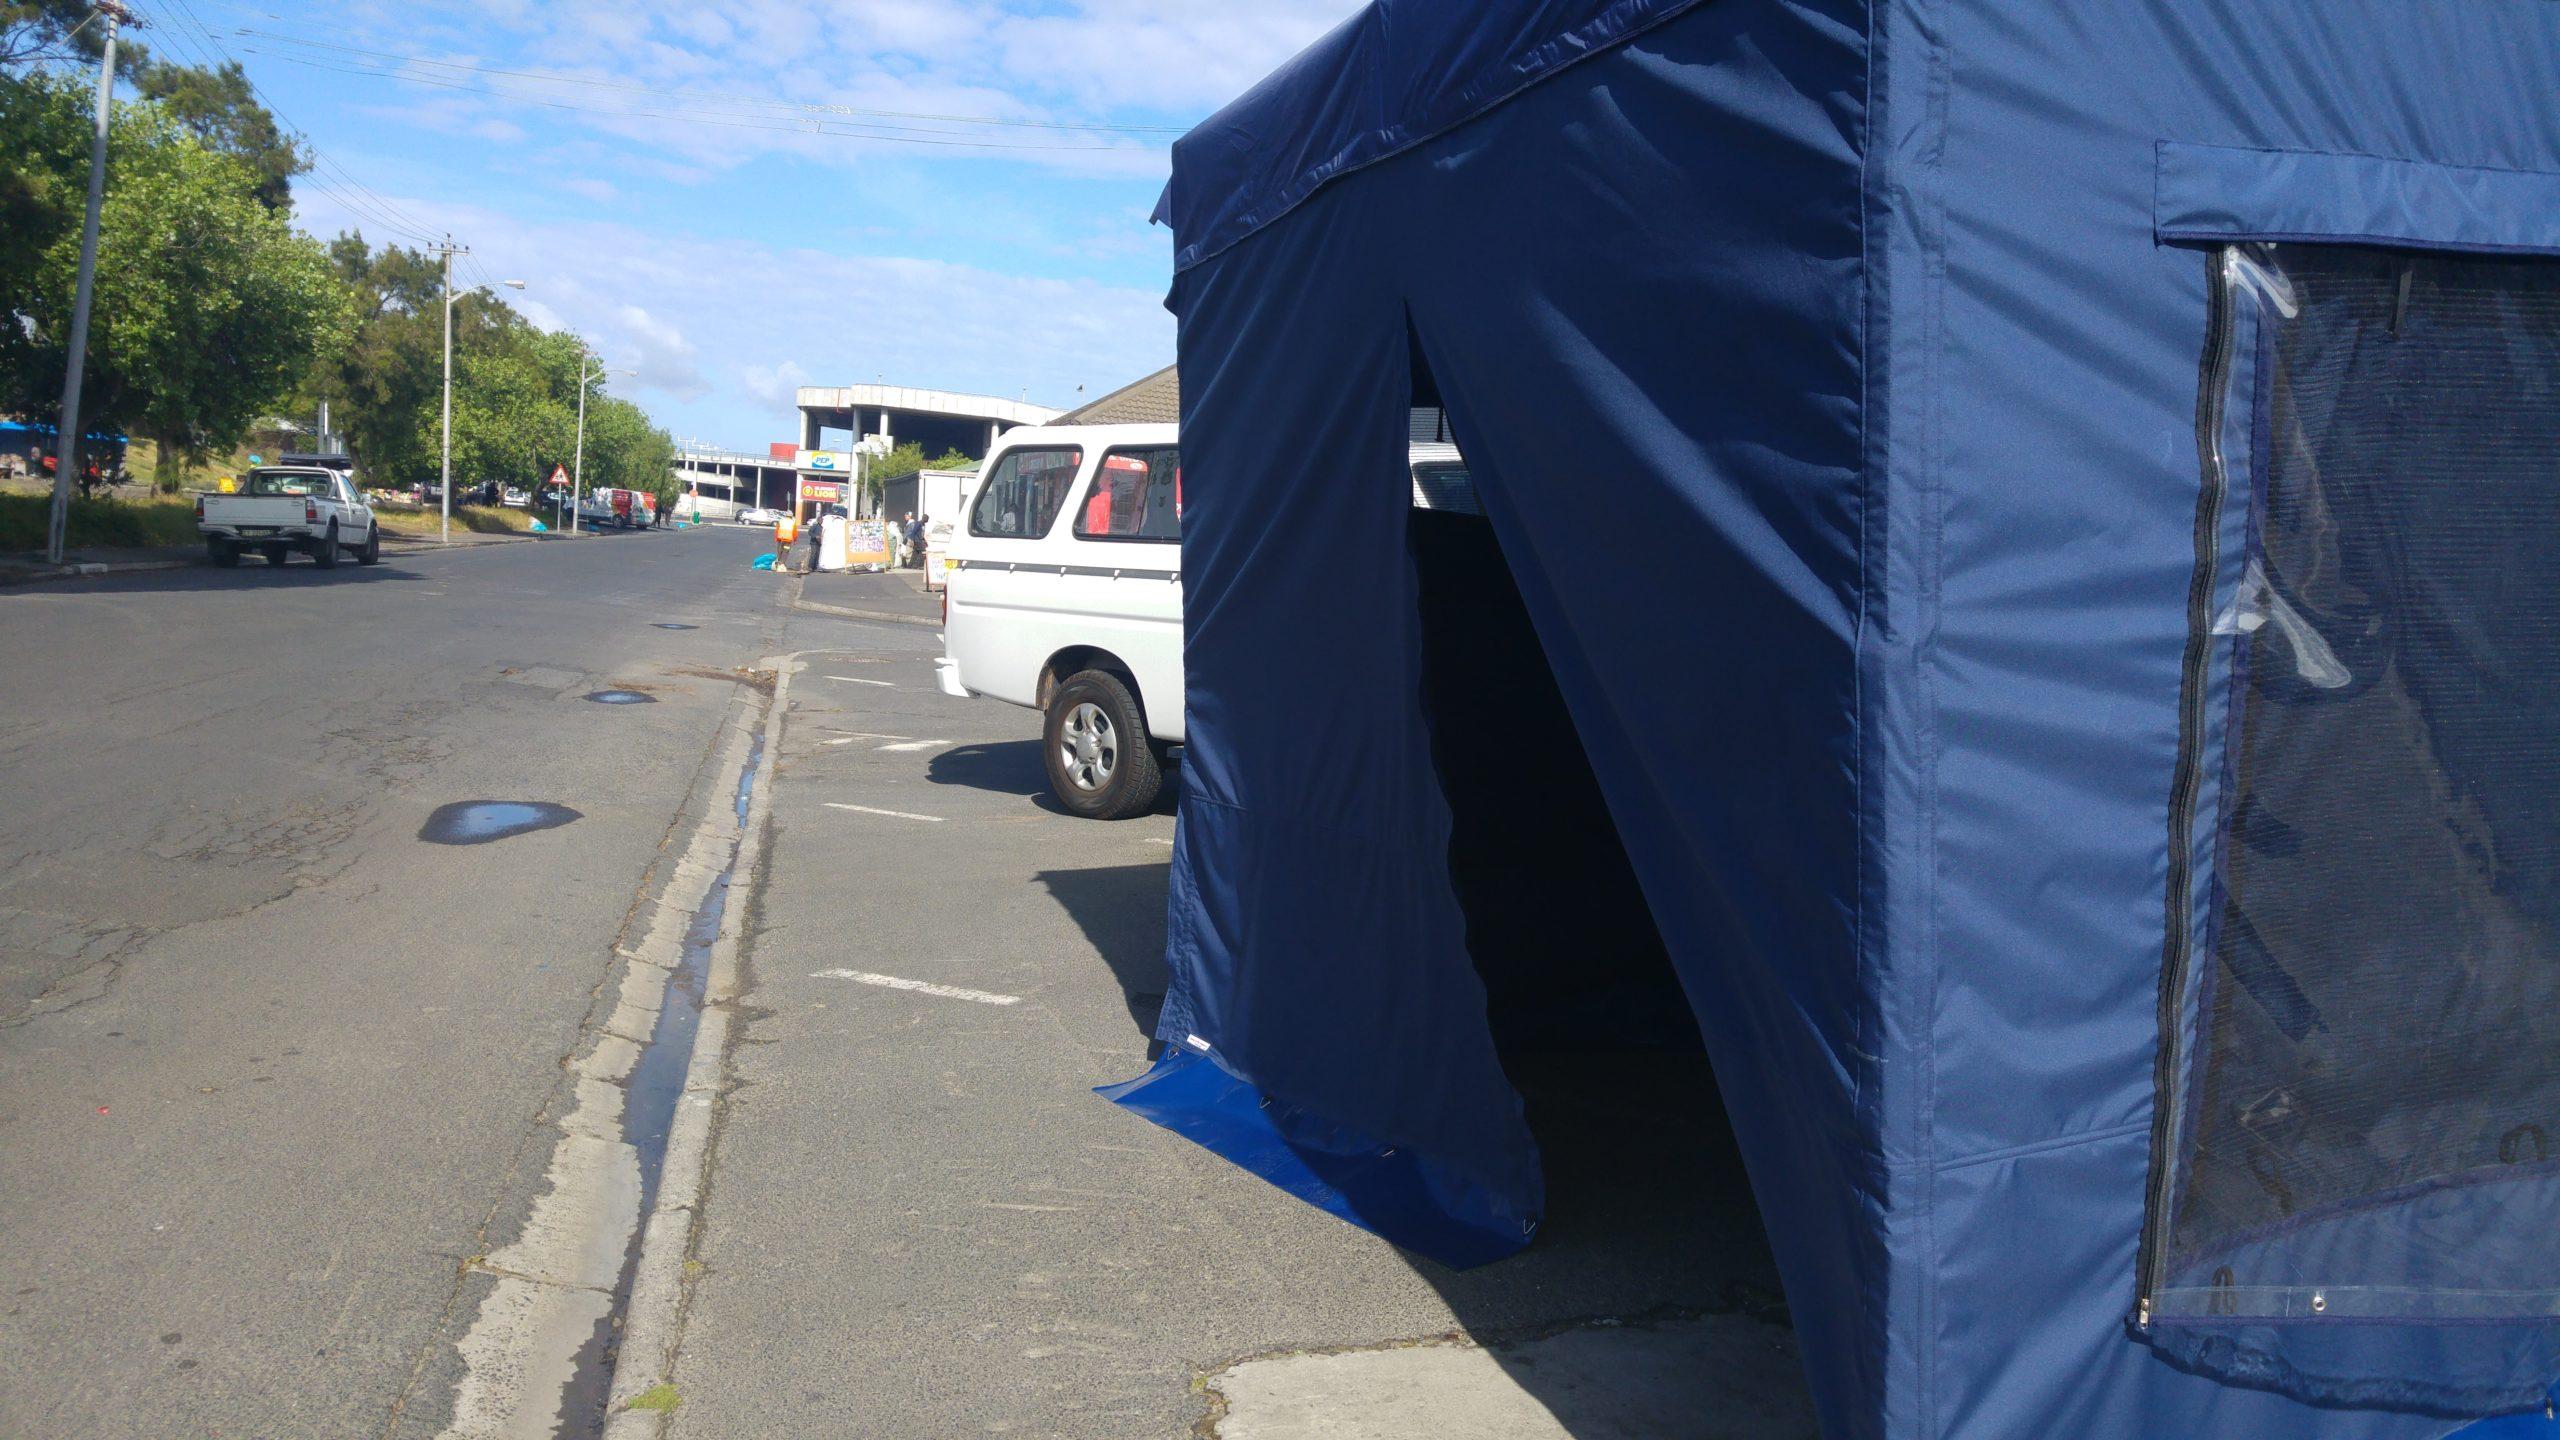 Big blue tent